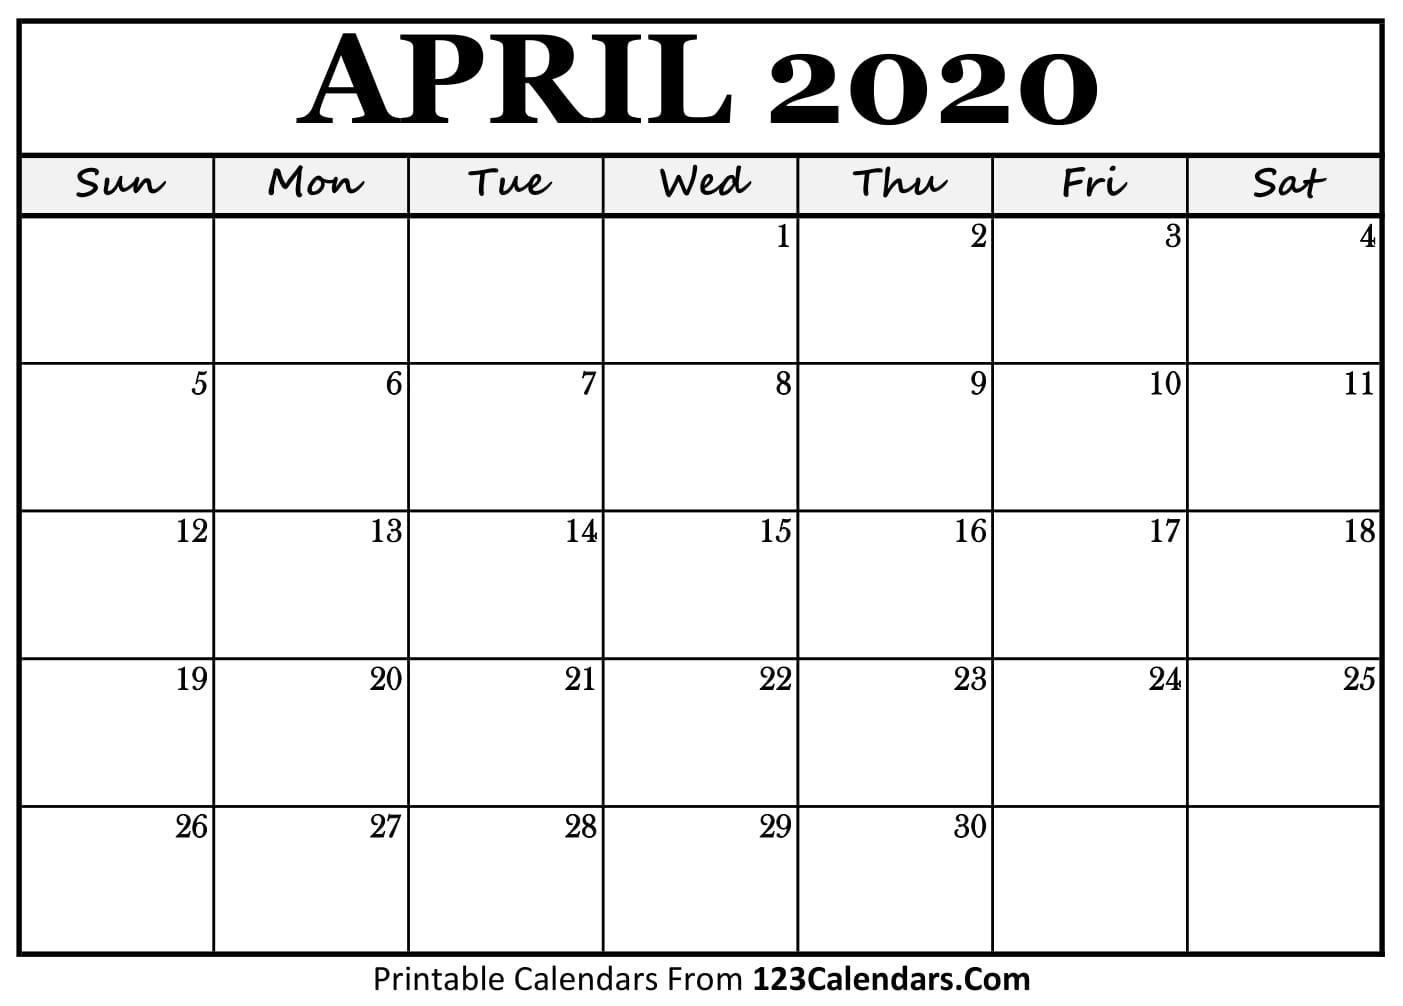 Best Templates: Print Feb 2020 Calendar